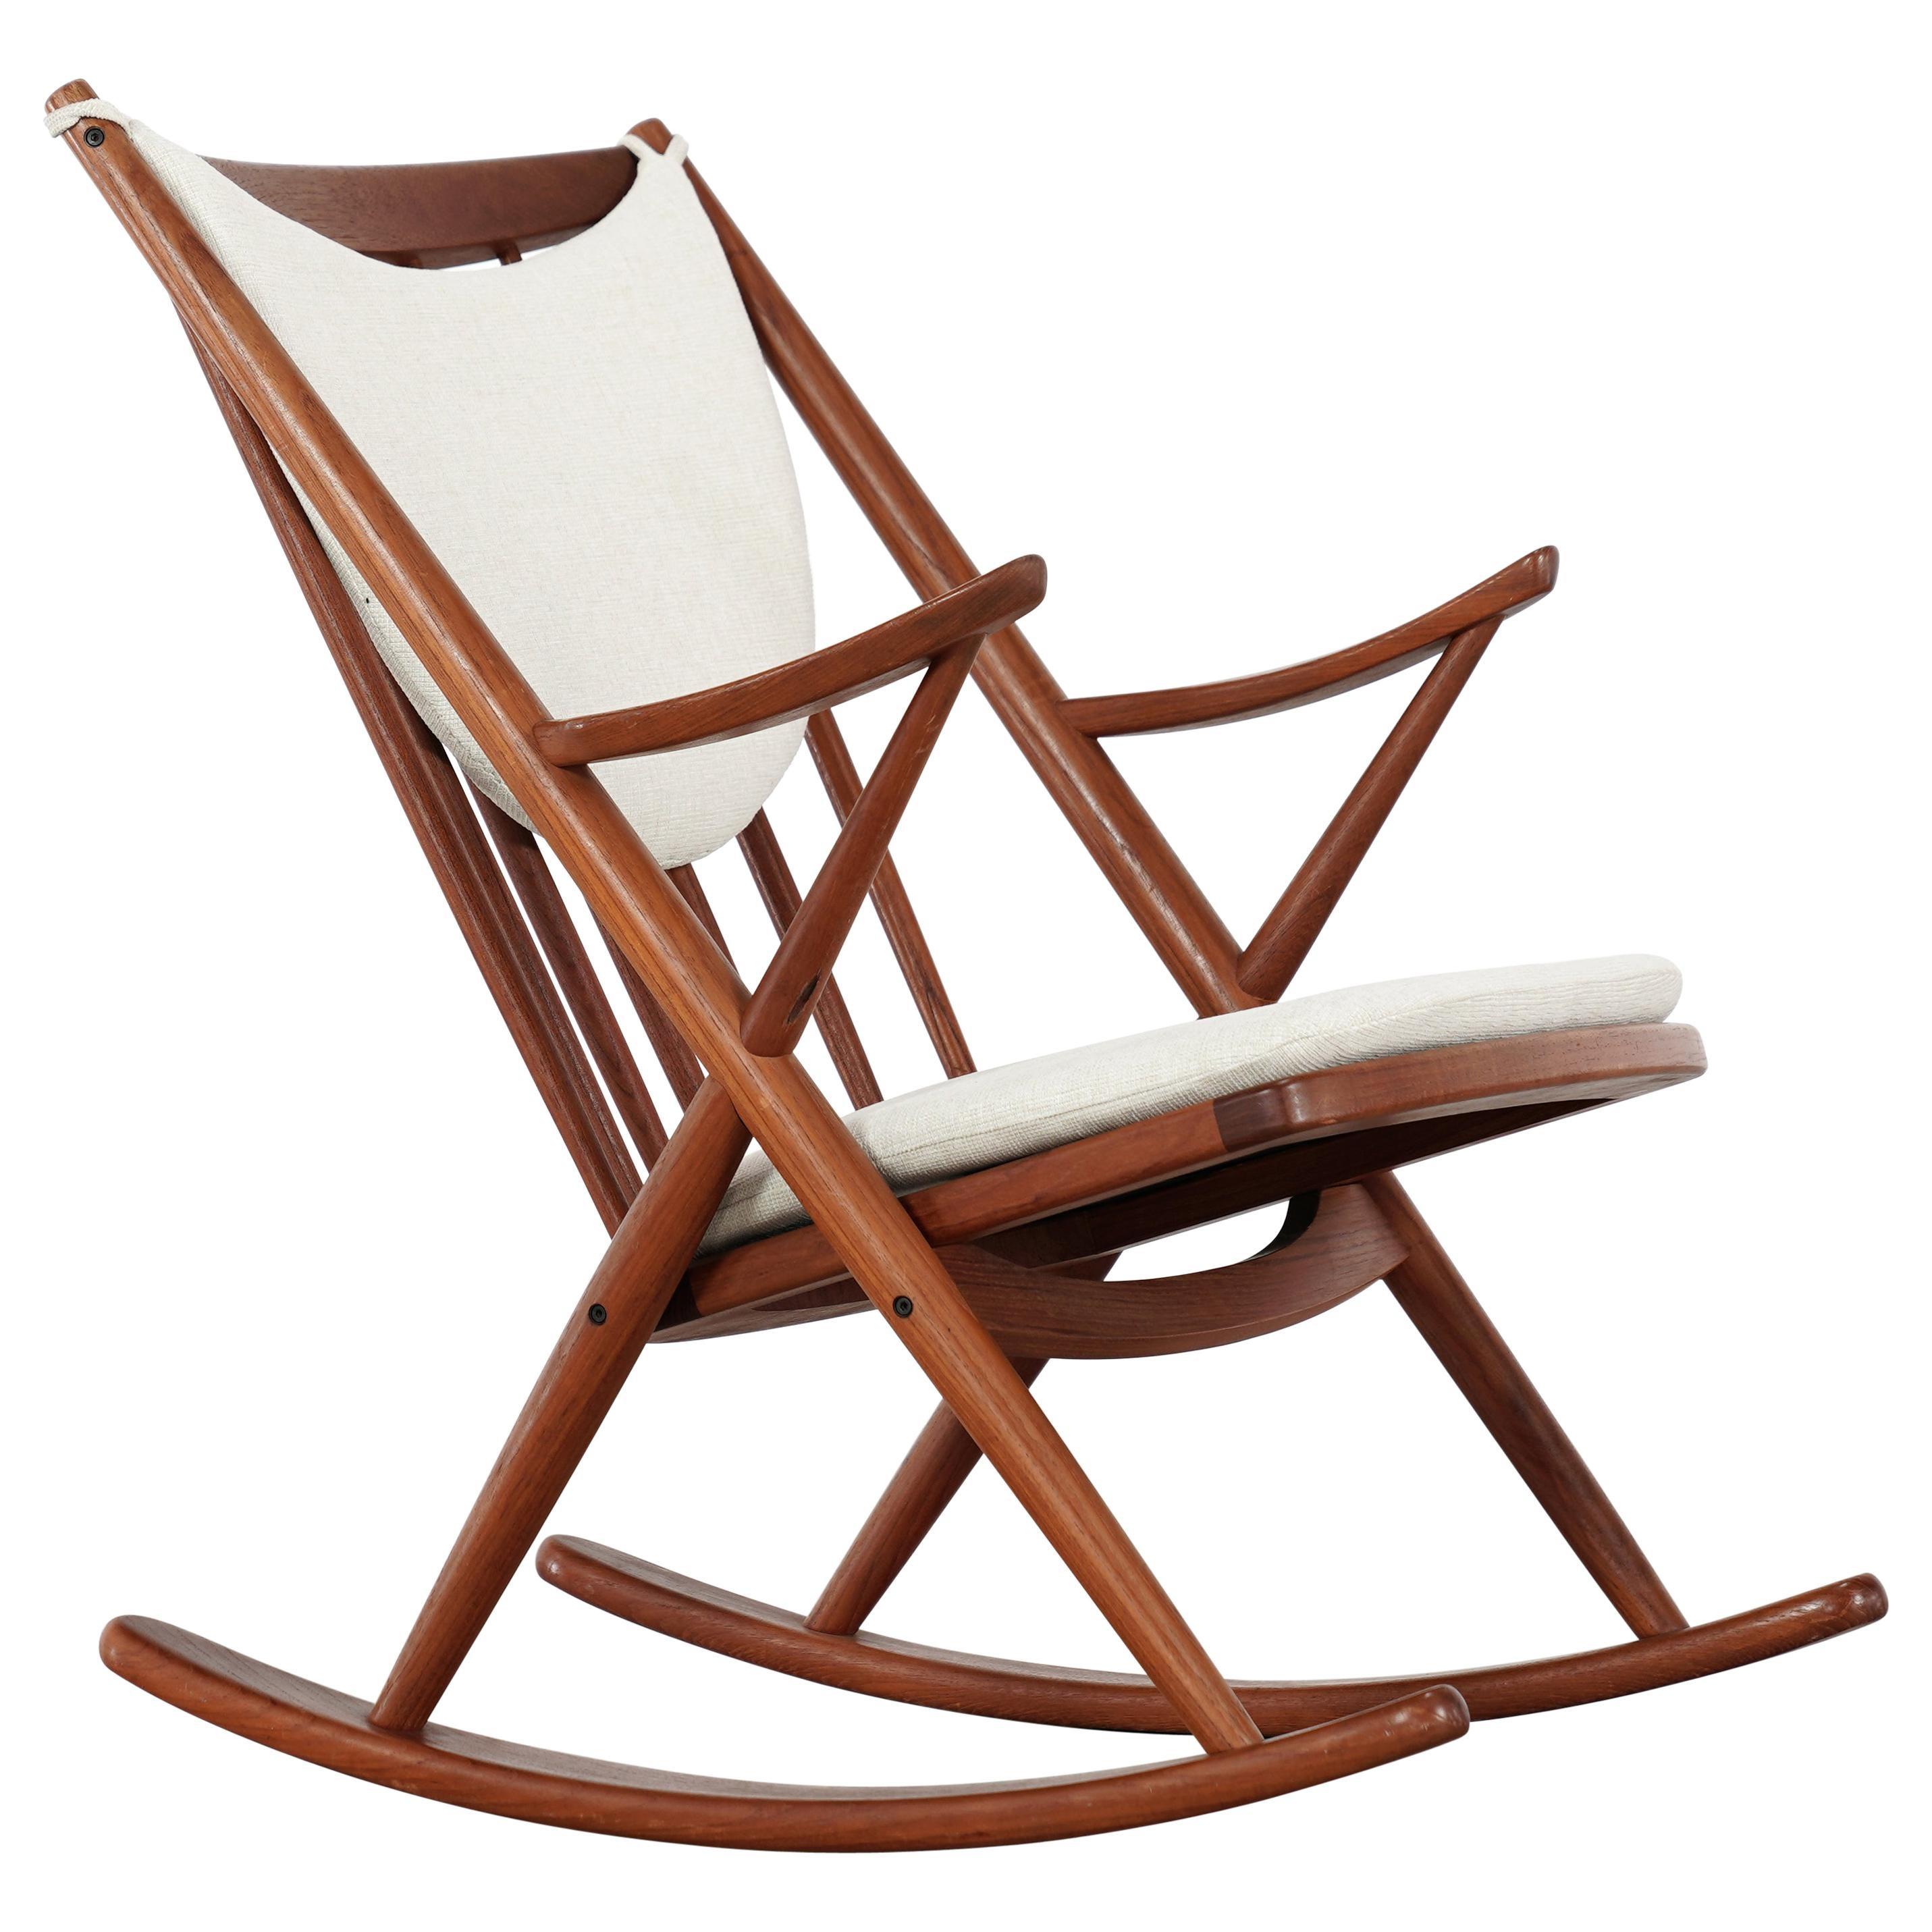 Frank Reenskaug, Teak Rocking Chair 1962 for Bramin, Denmark, Lounge Chair